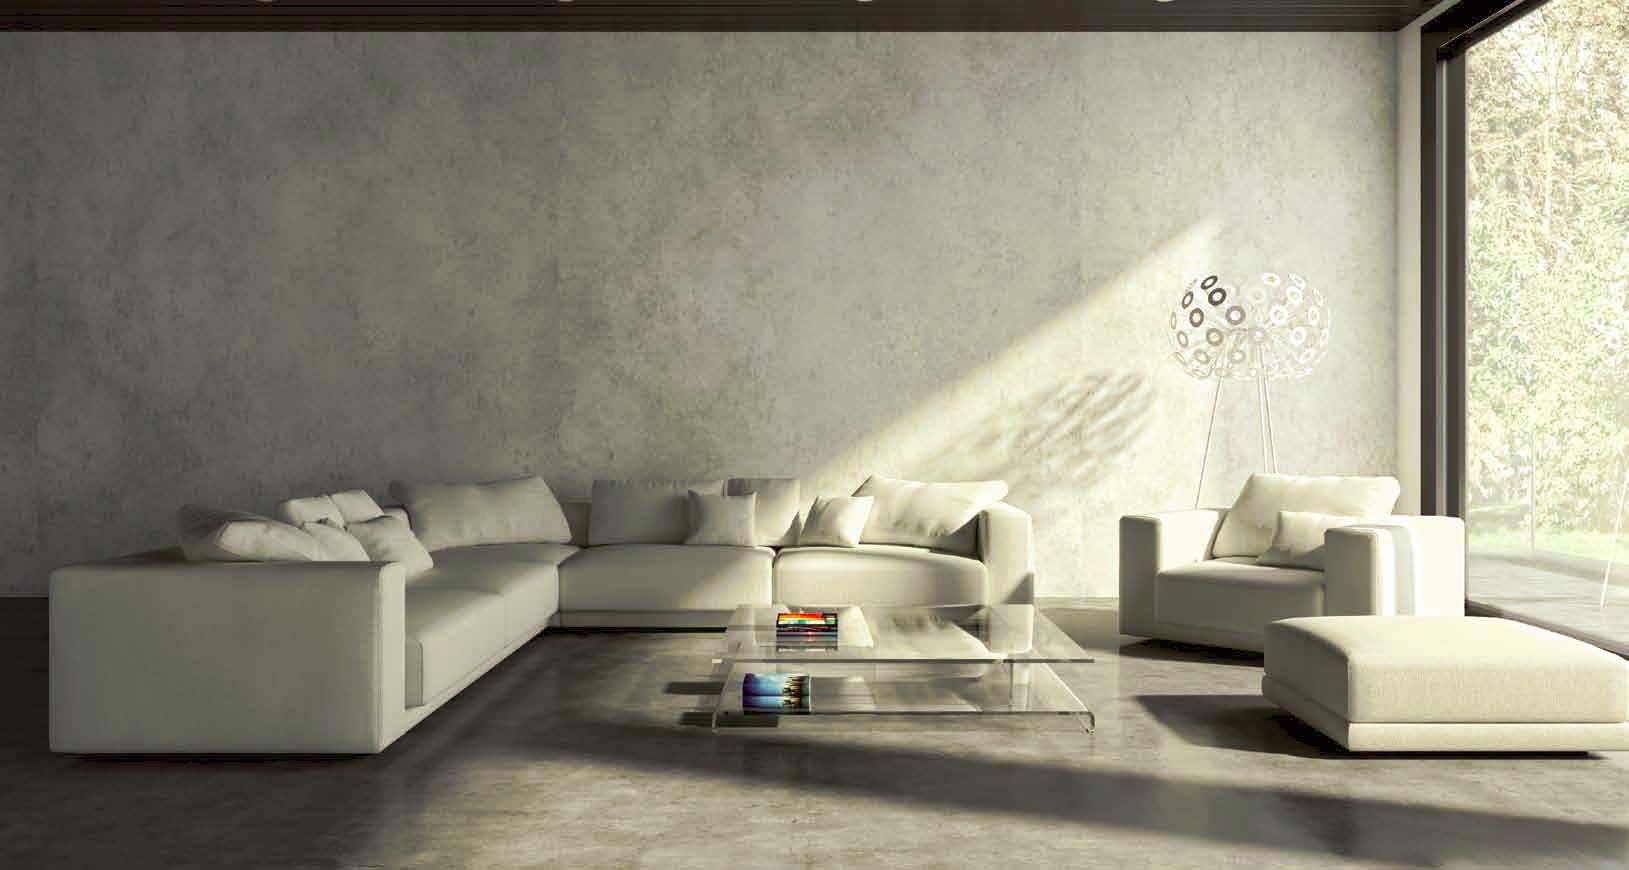 Pavimento del soggiorno moderno